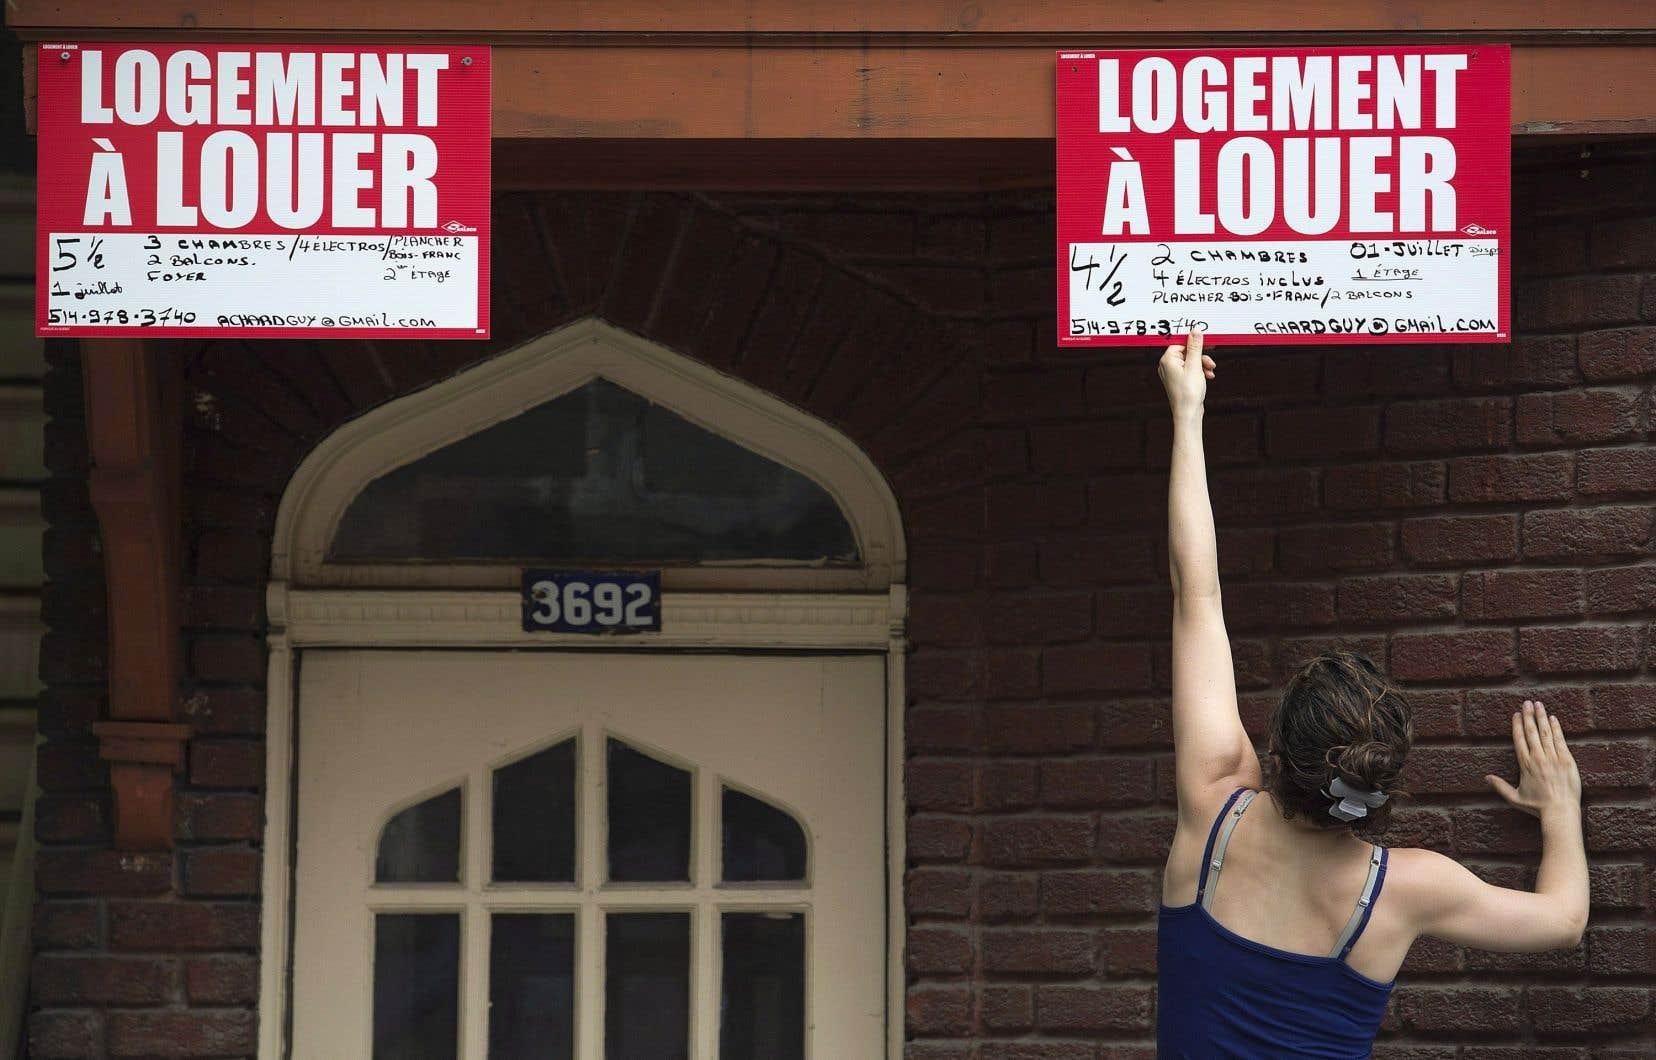 Tandis que le télétravail s'installe à demeure, les locataires doivent se battre pour être choisis. Désormais, mieux vaut un grand chez-soi qu'un petit chez les autres.